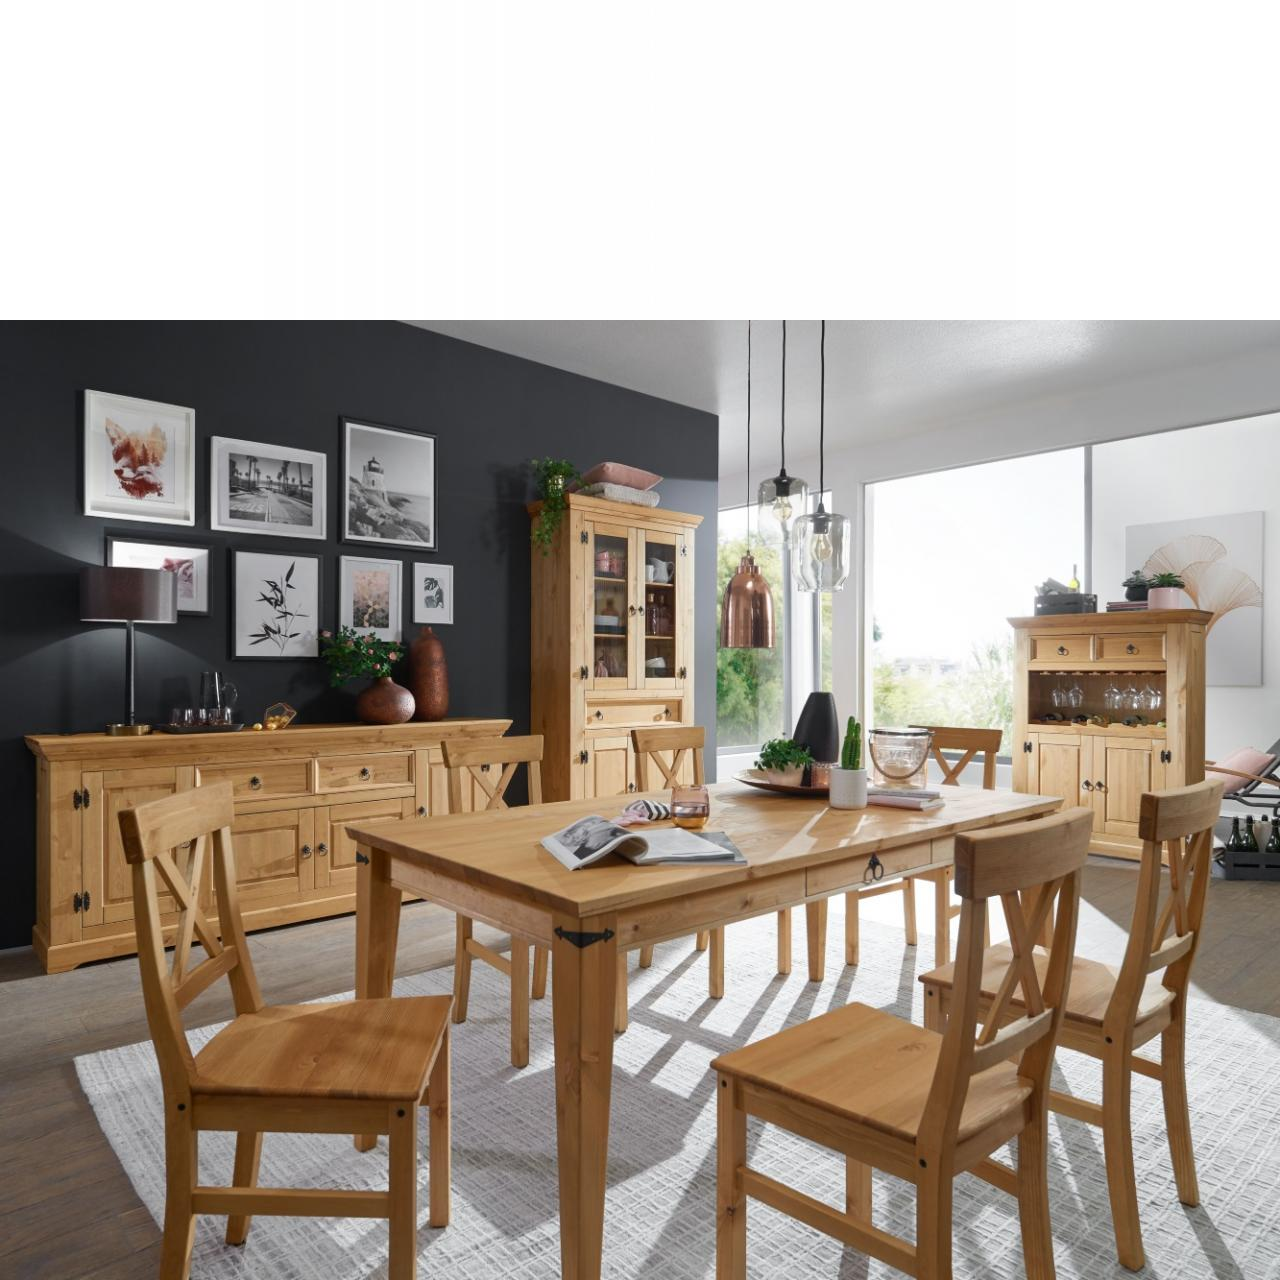 Esstisch WZ-0204 Kiefer Massiv Eichefarbig 180x90 Küchentisch Tisch Küche